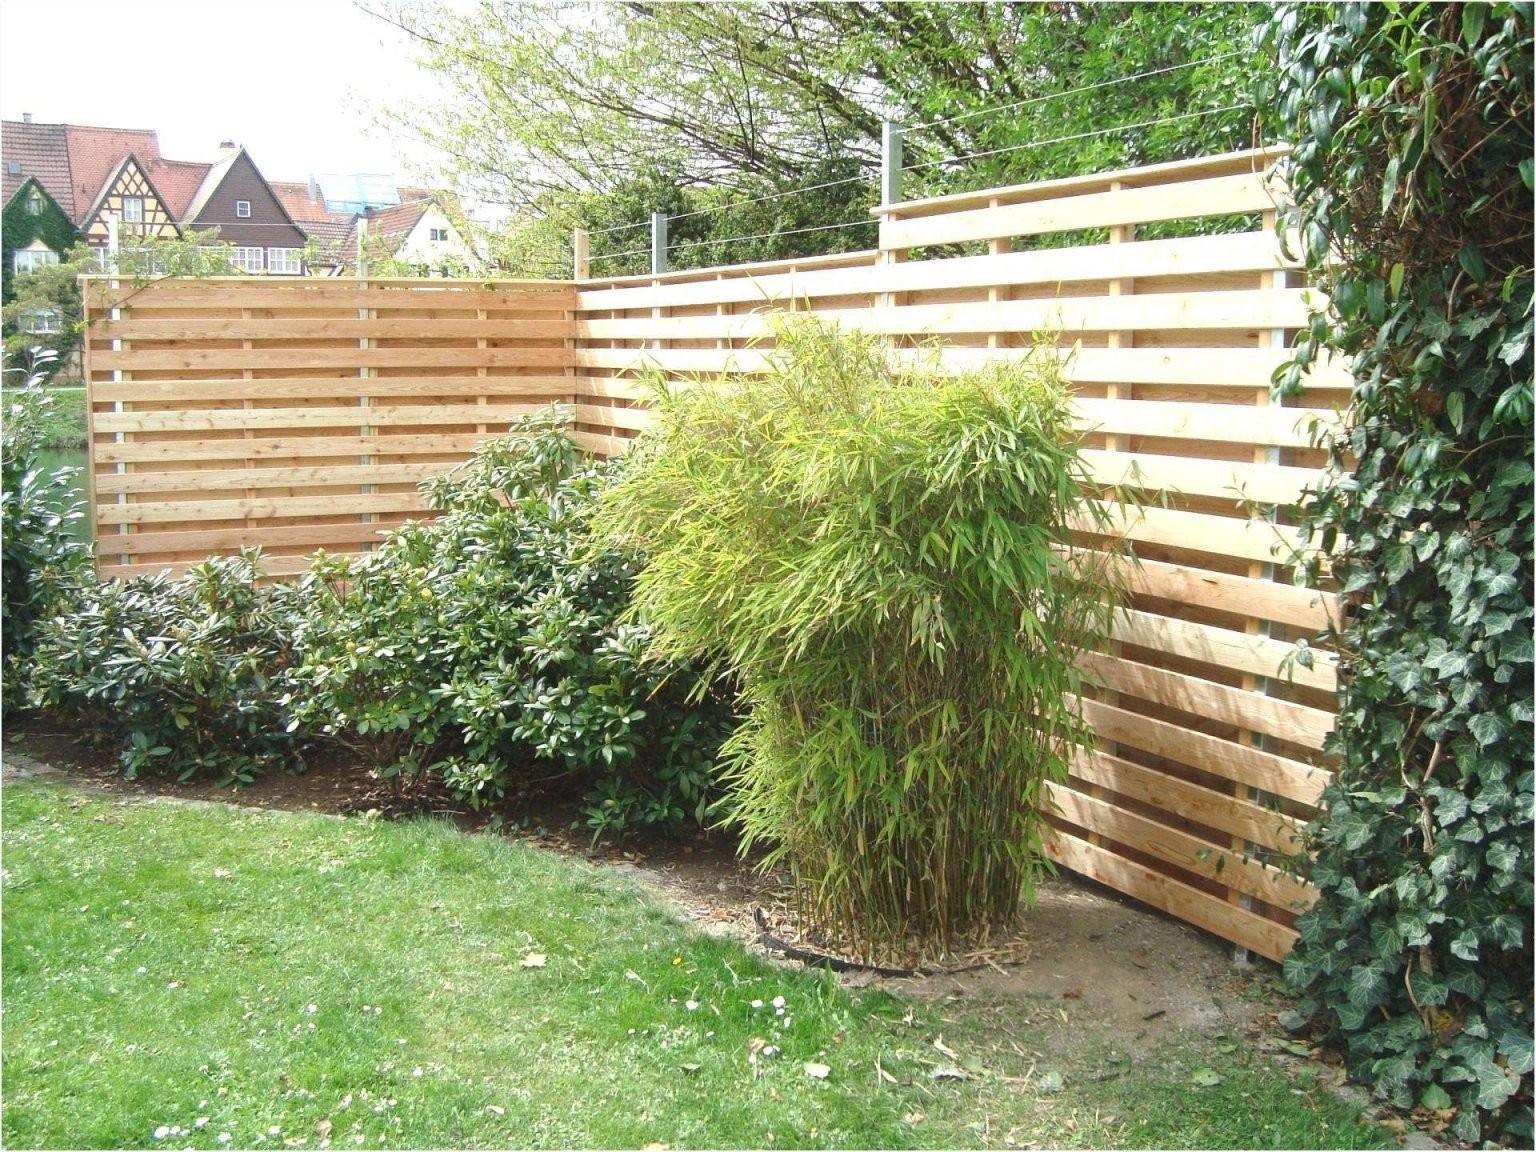 45 Schön Sichtschutz Garten Modern Bild  Vervollständigen Sie Die von Sichtschutz Aus Stein Selber Bauen Bild